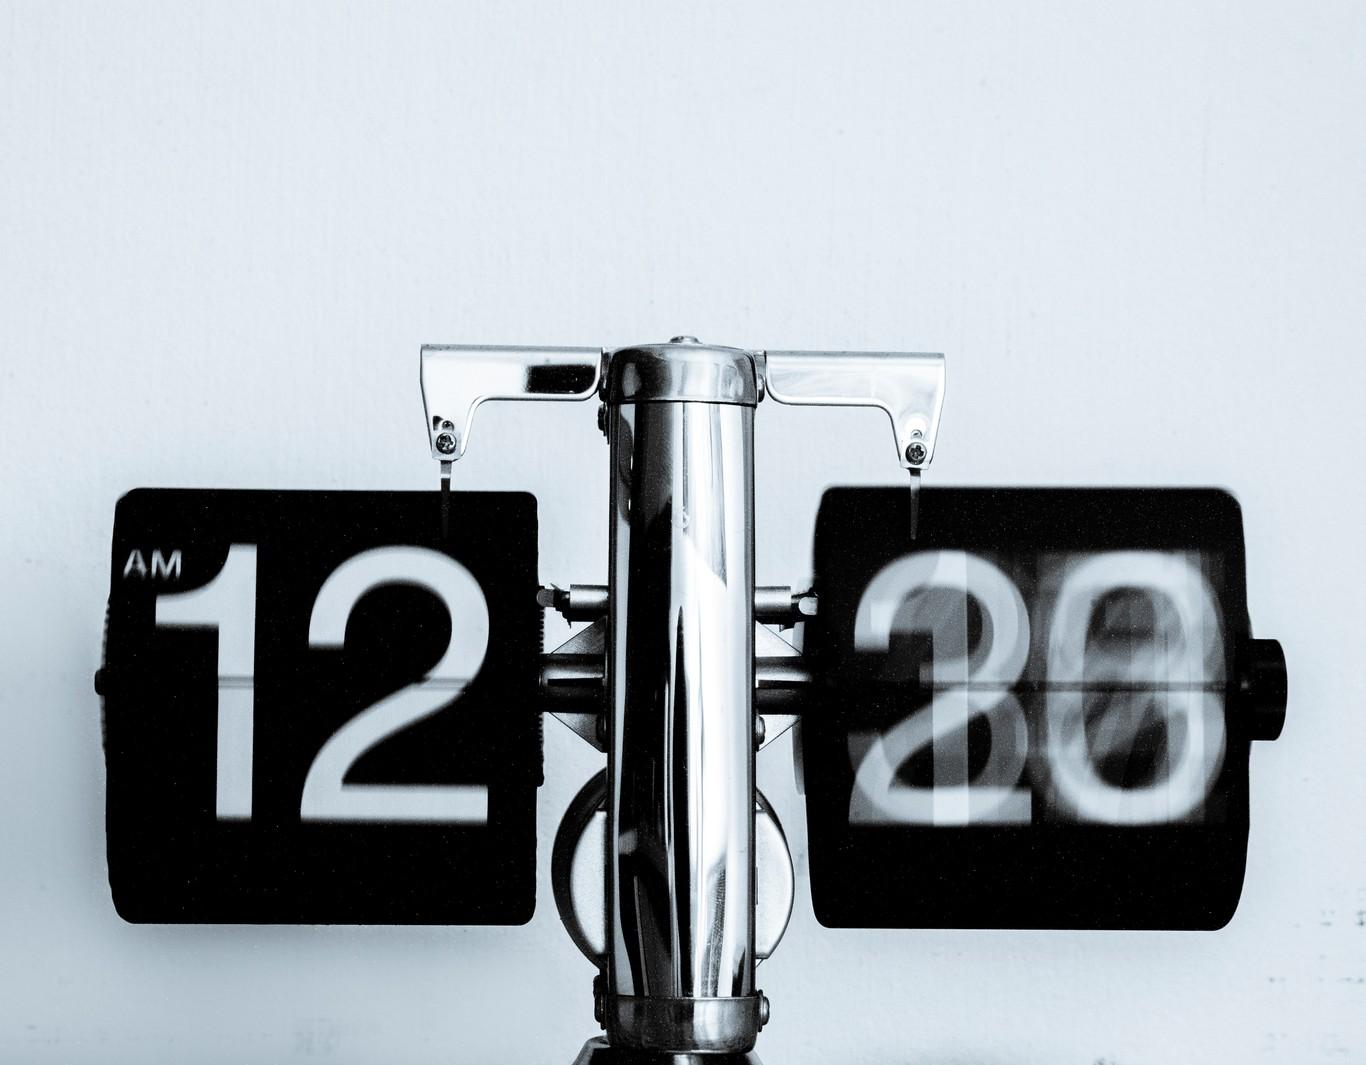 Los españoles seguiremos cambiando de hora hasta, por lo menos, 2021: los expertos del Gobierno no se ponen de acuerdo